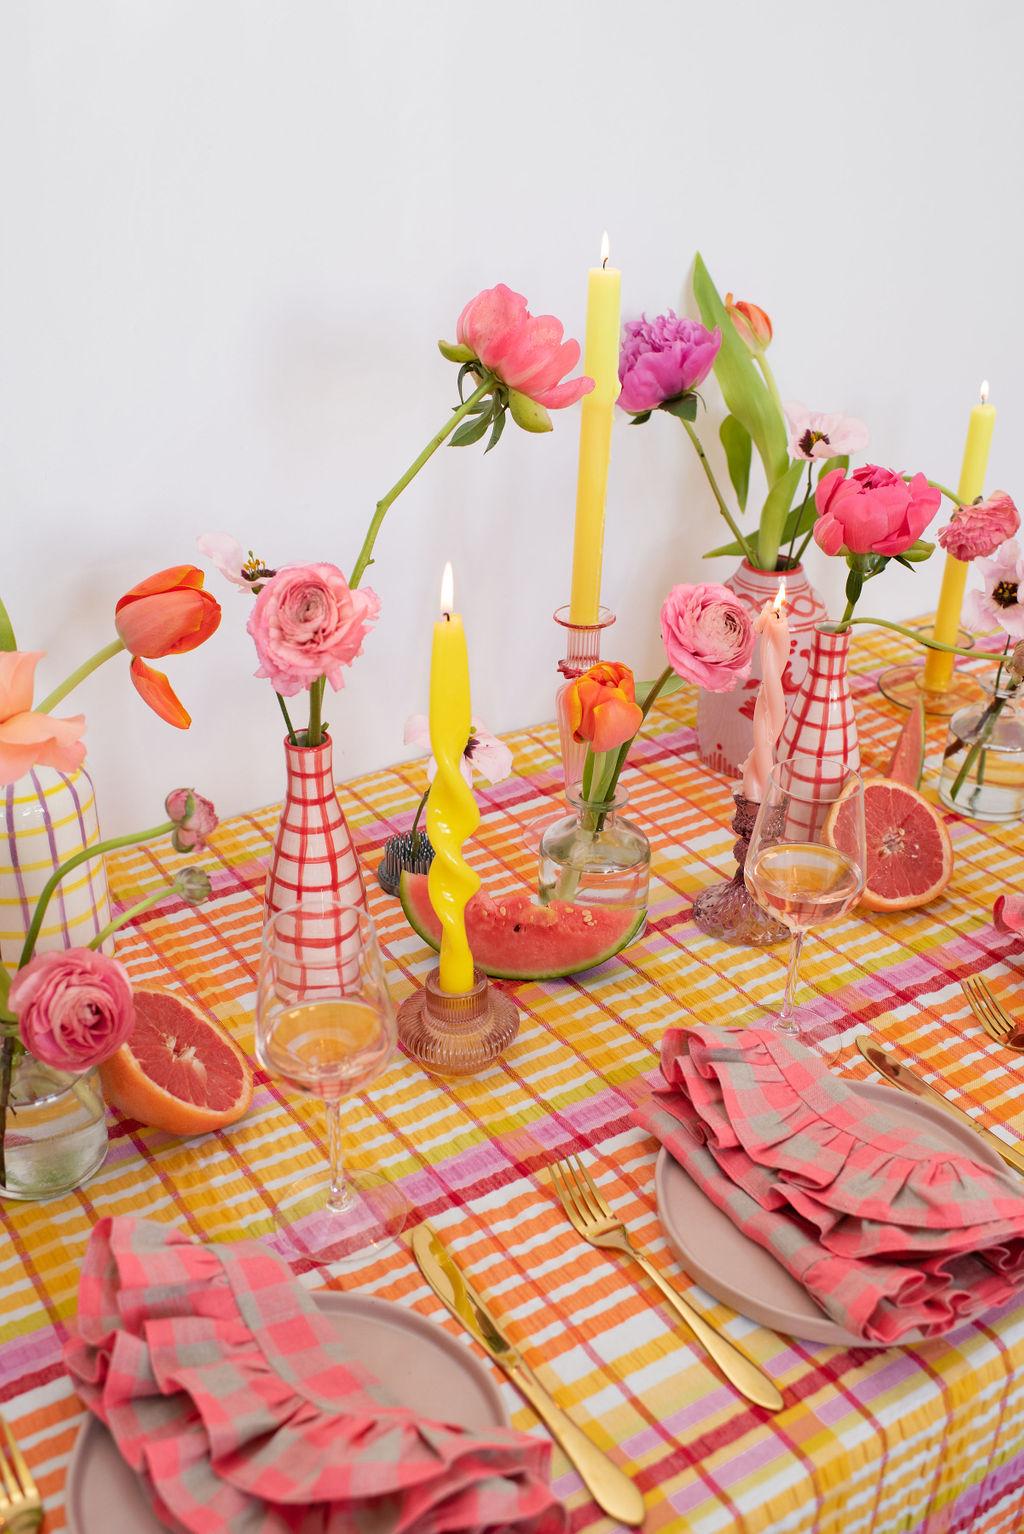 Clara Ruffle Napkin - Pink Chessboard